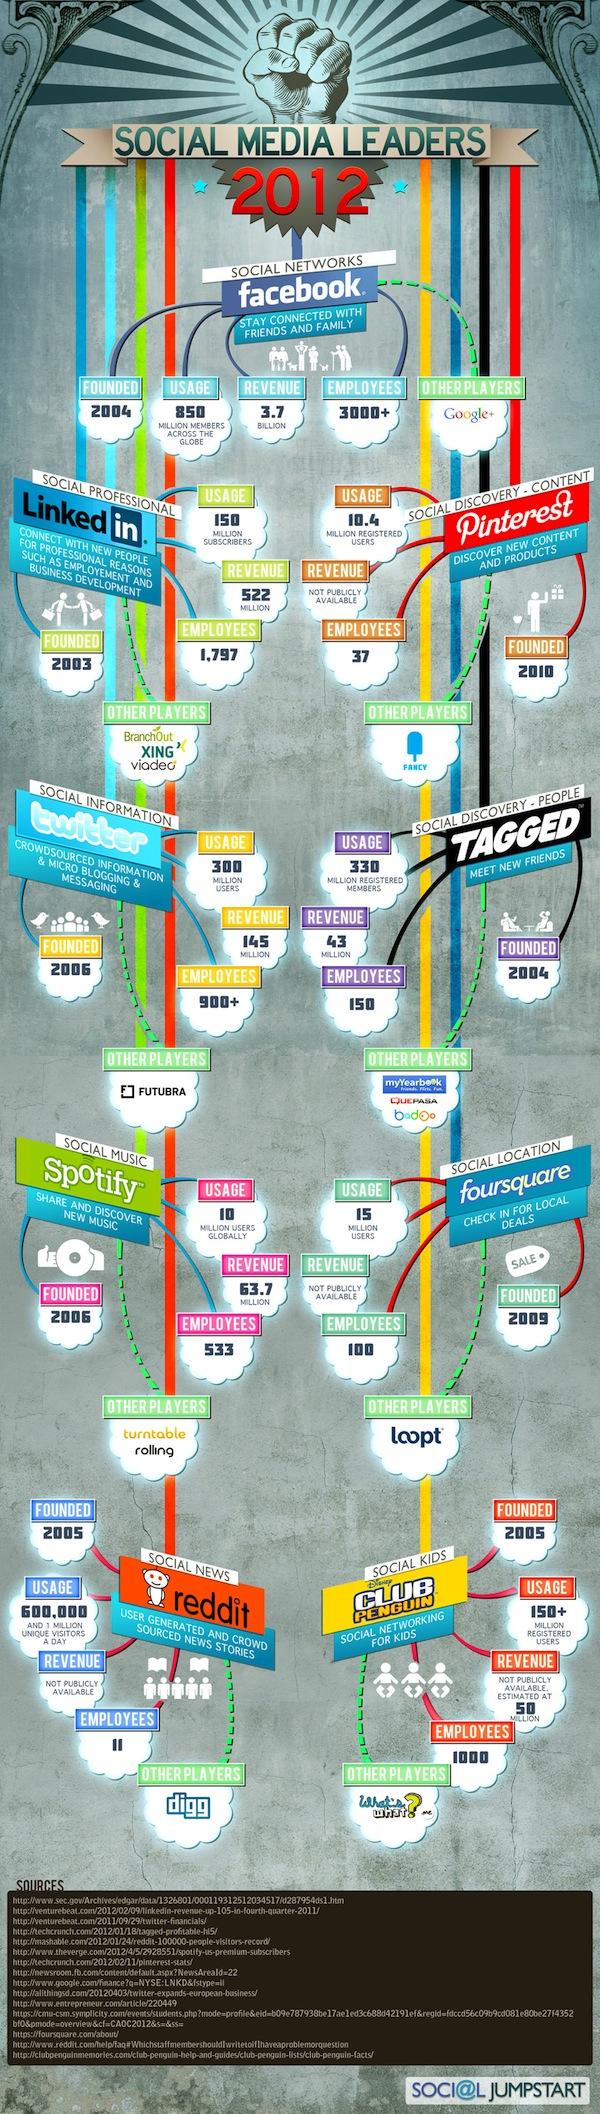 Infographie : Les leaders des médias sociaux